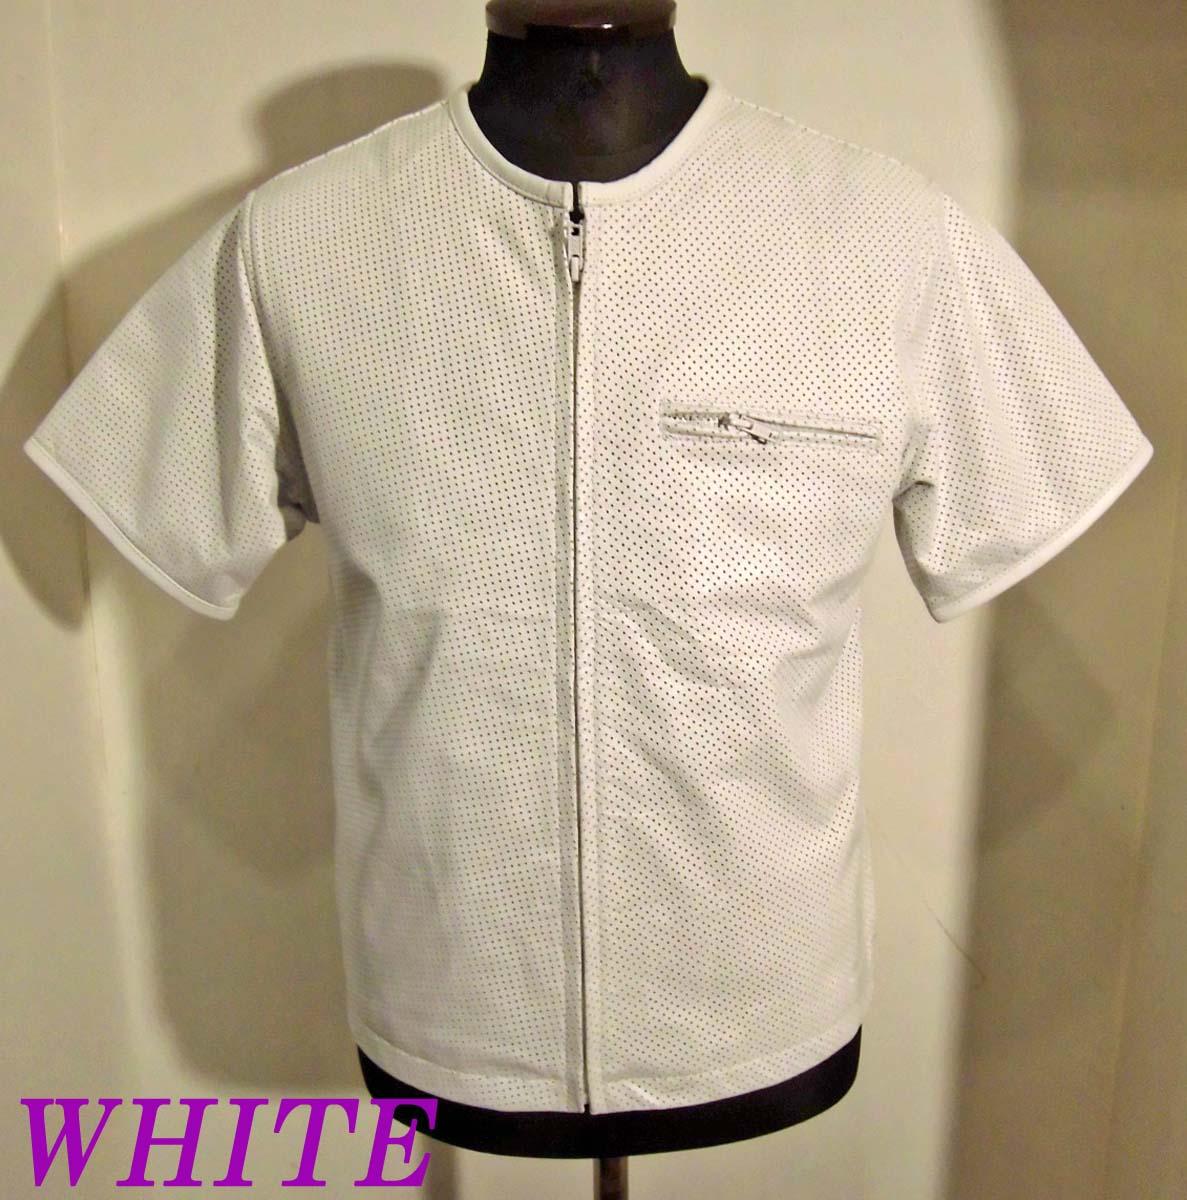 ライダース本革パンチングレザー半袖ZIPP-UPシャツ WHITE-3Lサイズ